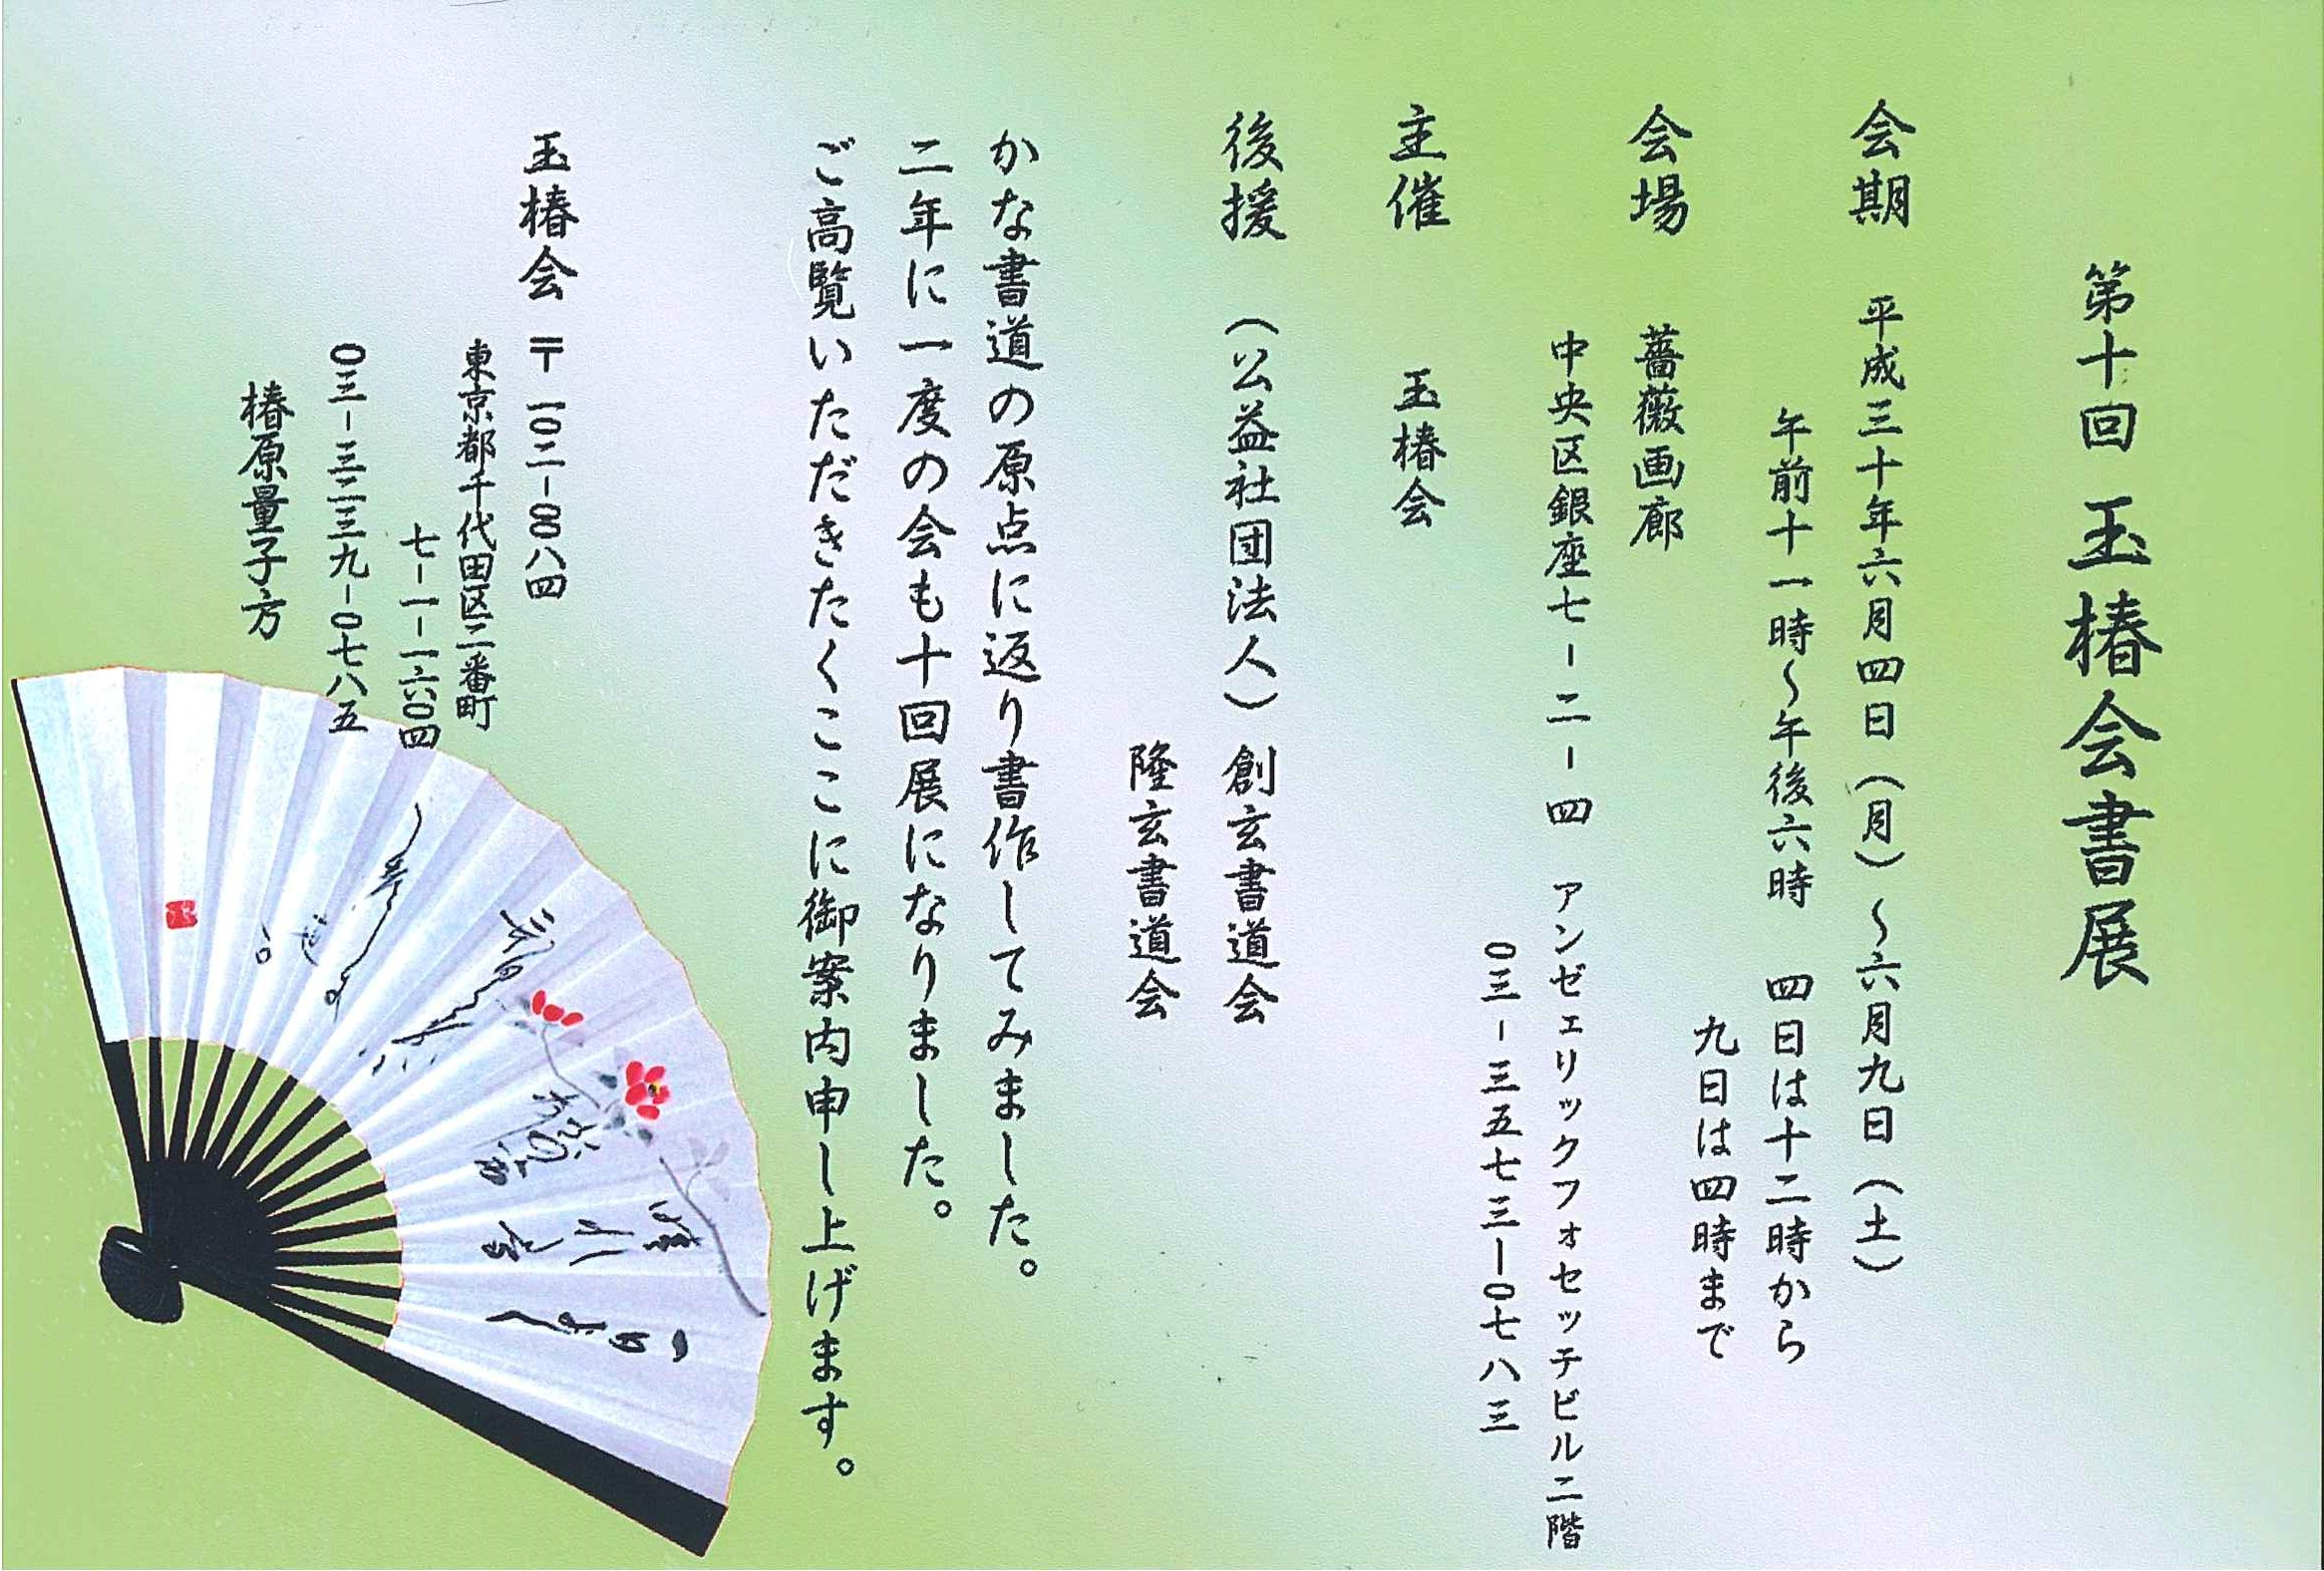 http://www.sogen.or.jp/letter/2018/05/15/20180515102730122_0001.jpg